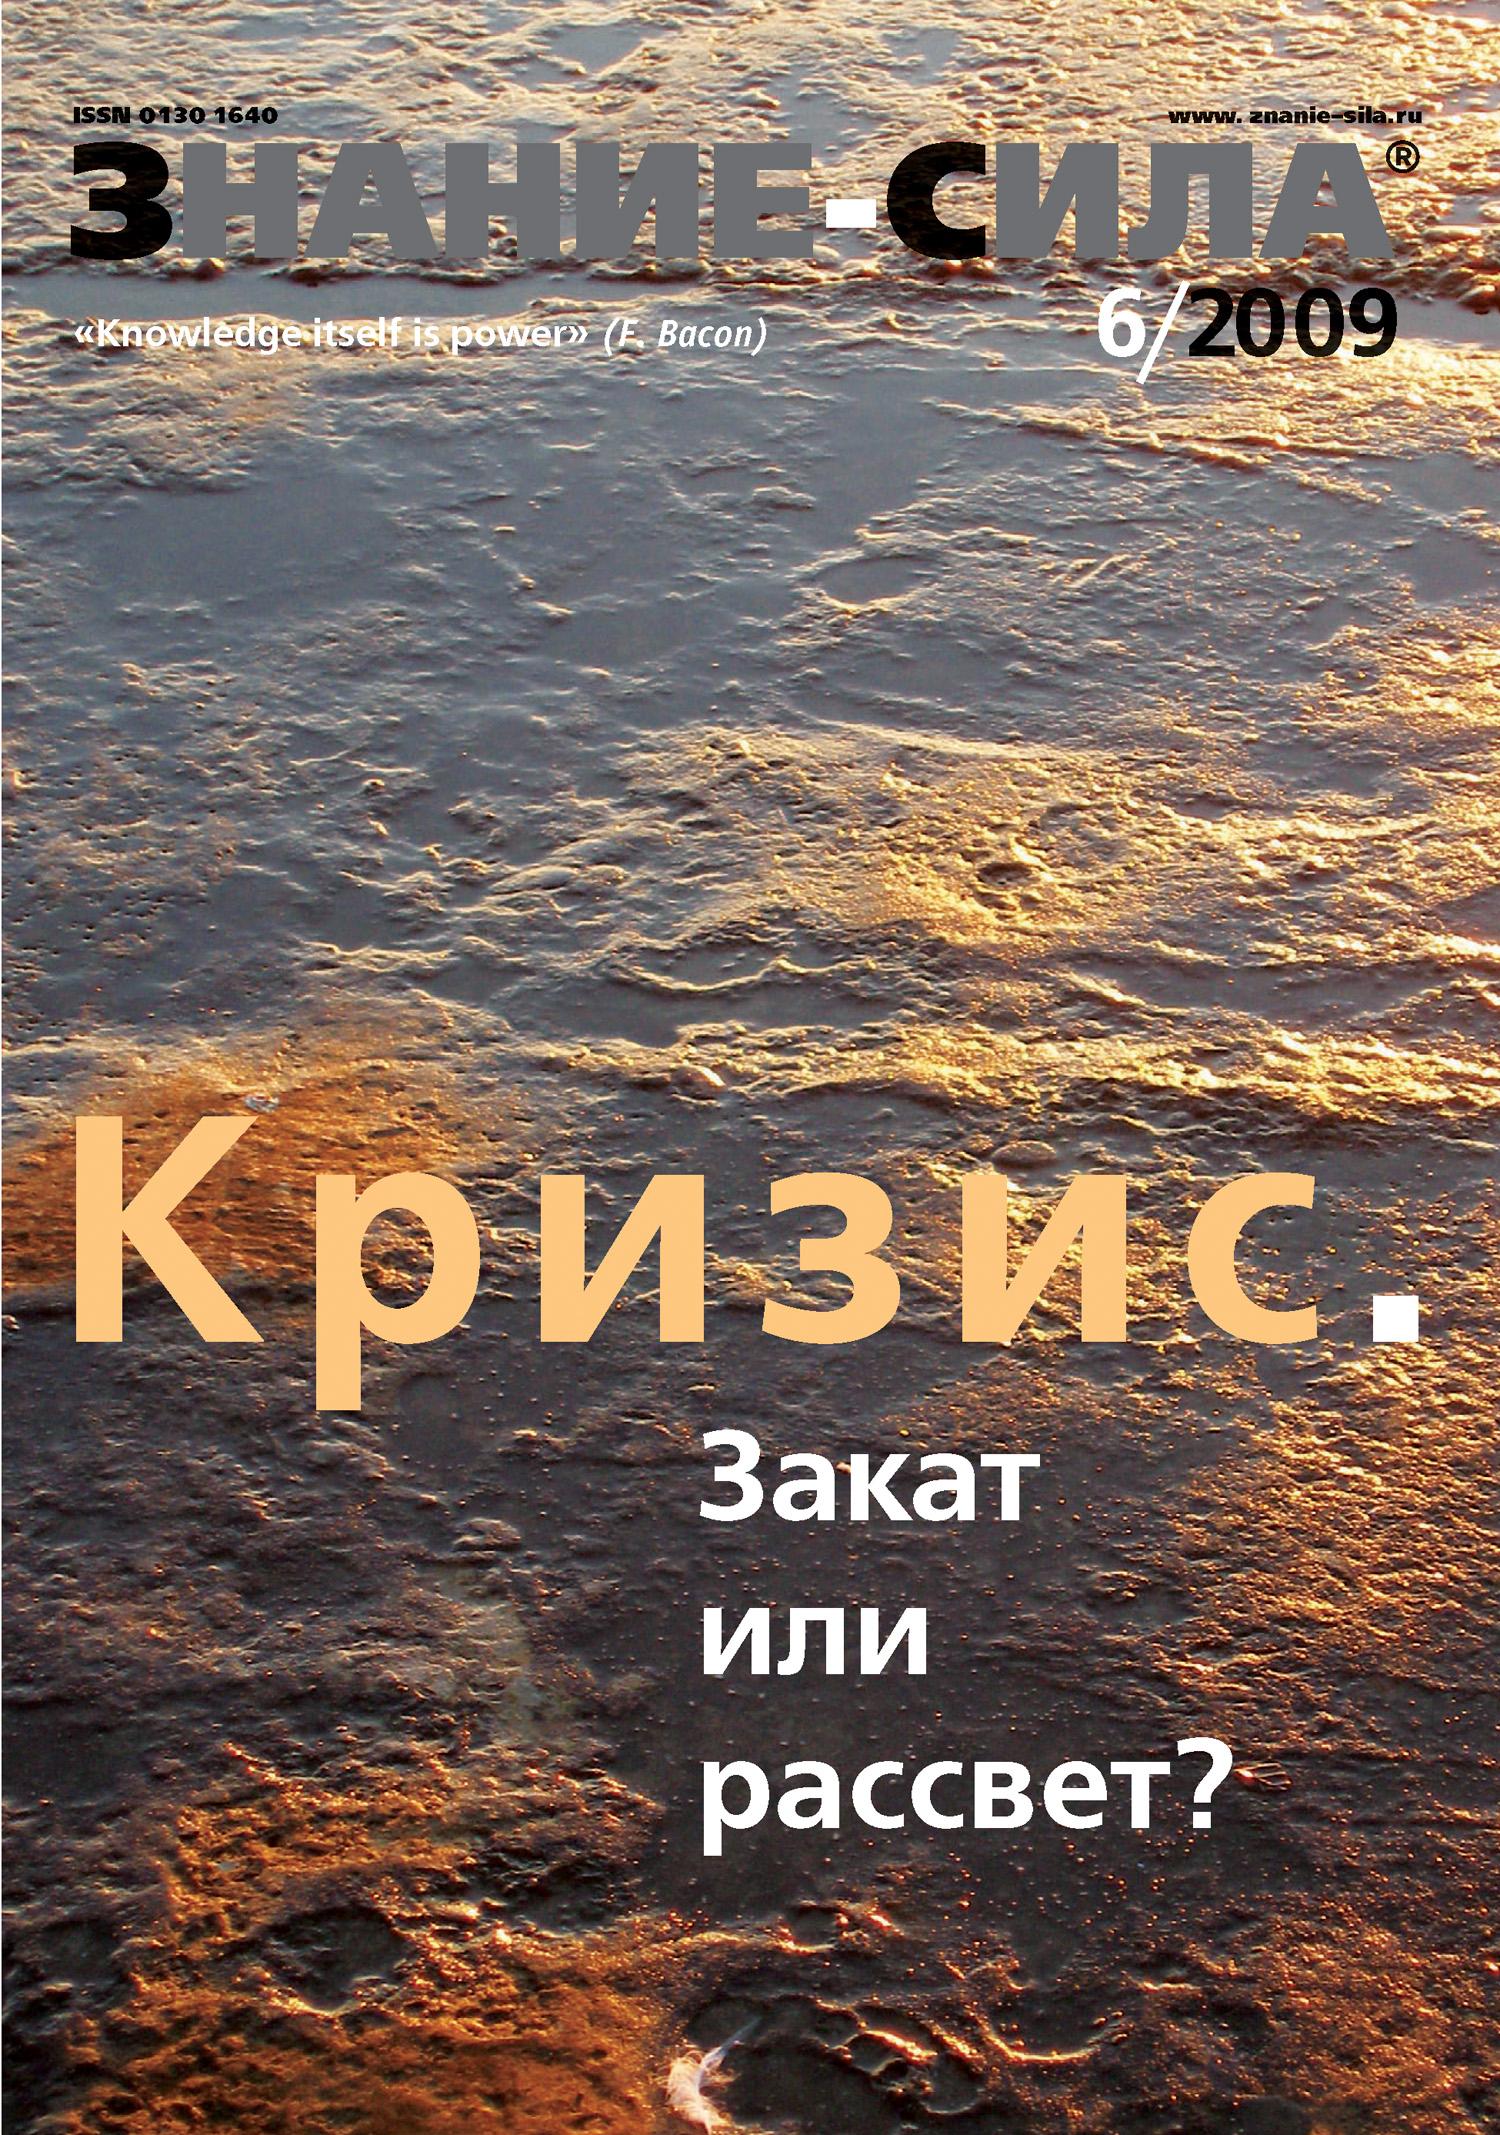 Отсутствует Журнал «Знание – сила» №6/2009 отсутствует журнал знание – сила 3 2009